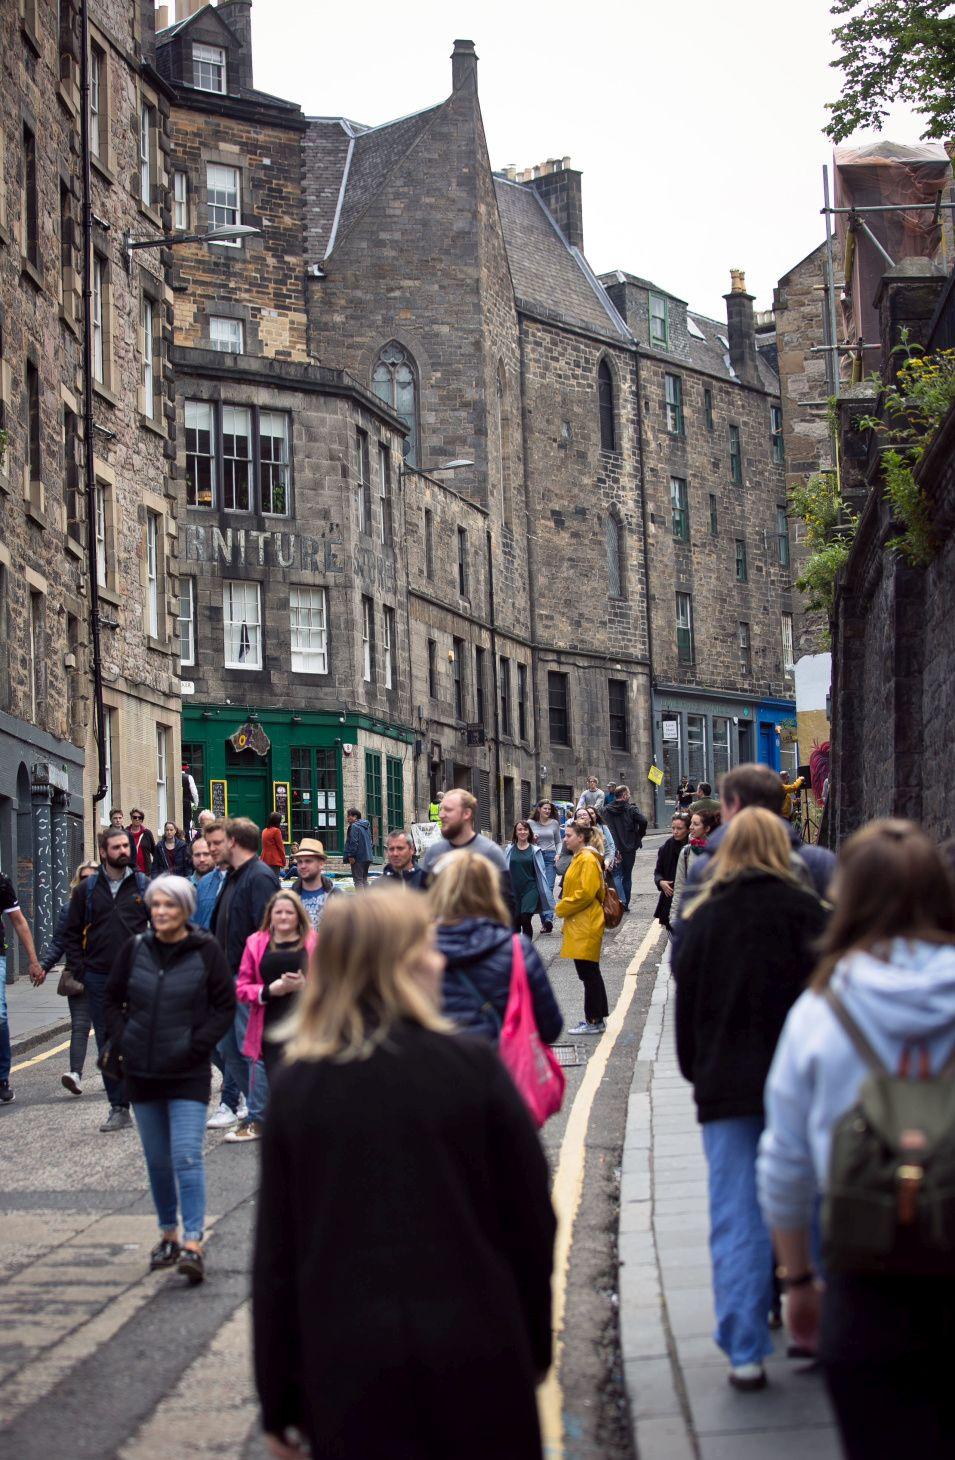 People walking in the road in Edinburgh